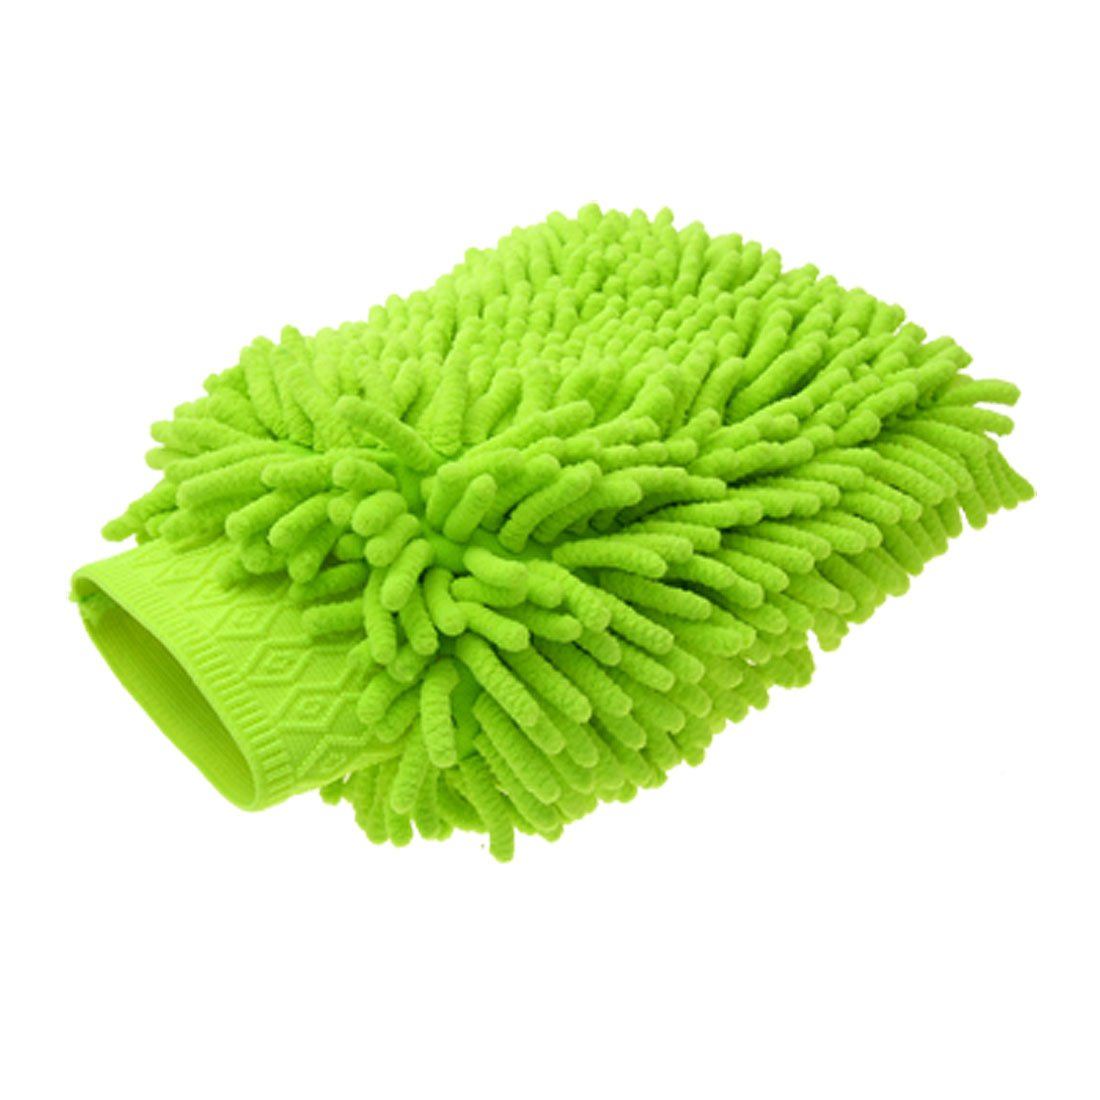 sourcingmap® Microfibra Chenille Coche Lavar Limpieza Mitón Cepillo Facjb a09032500ux0068